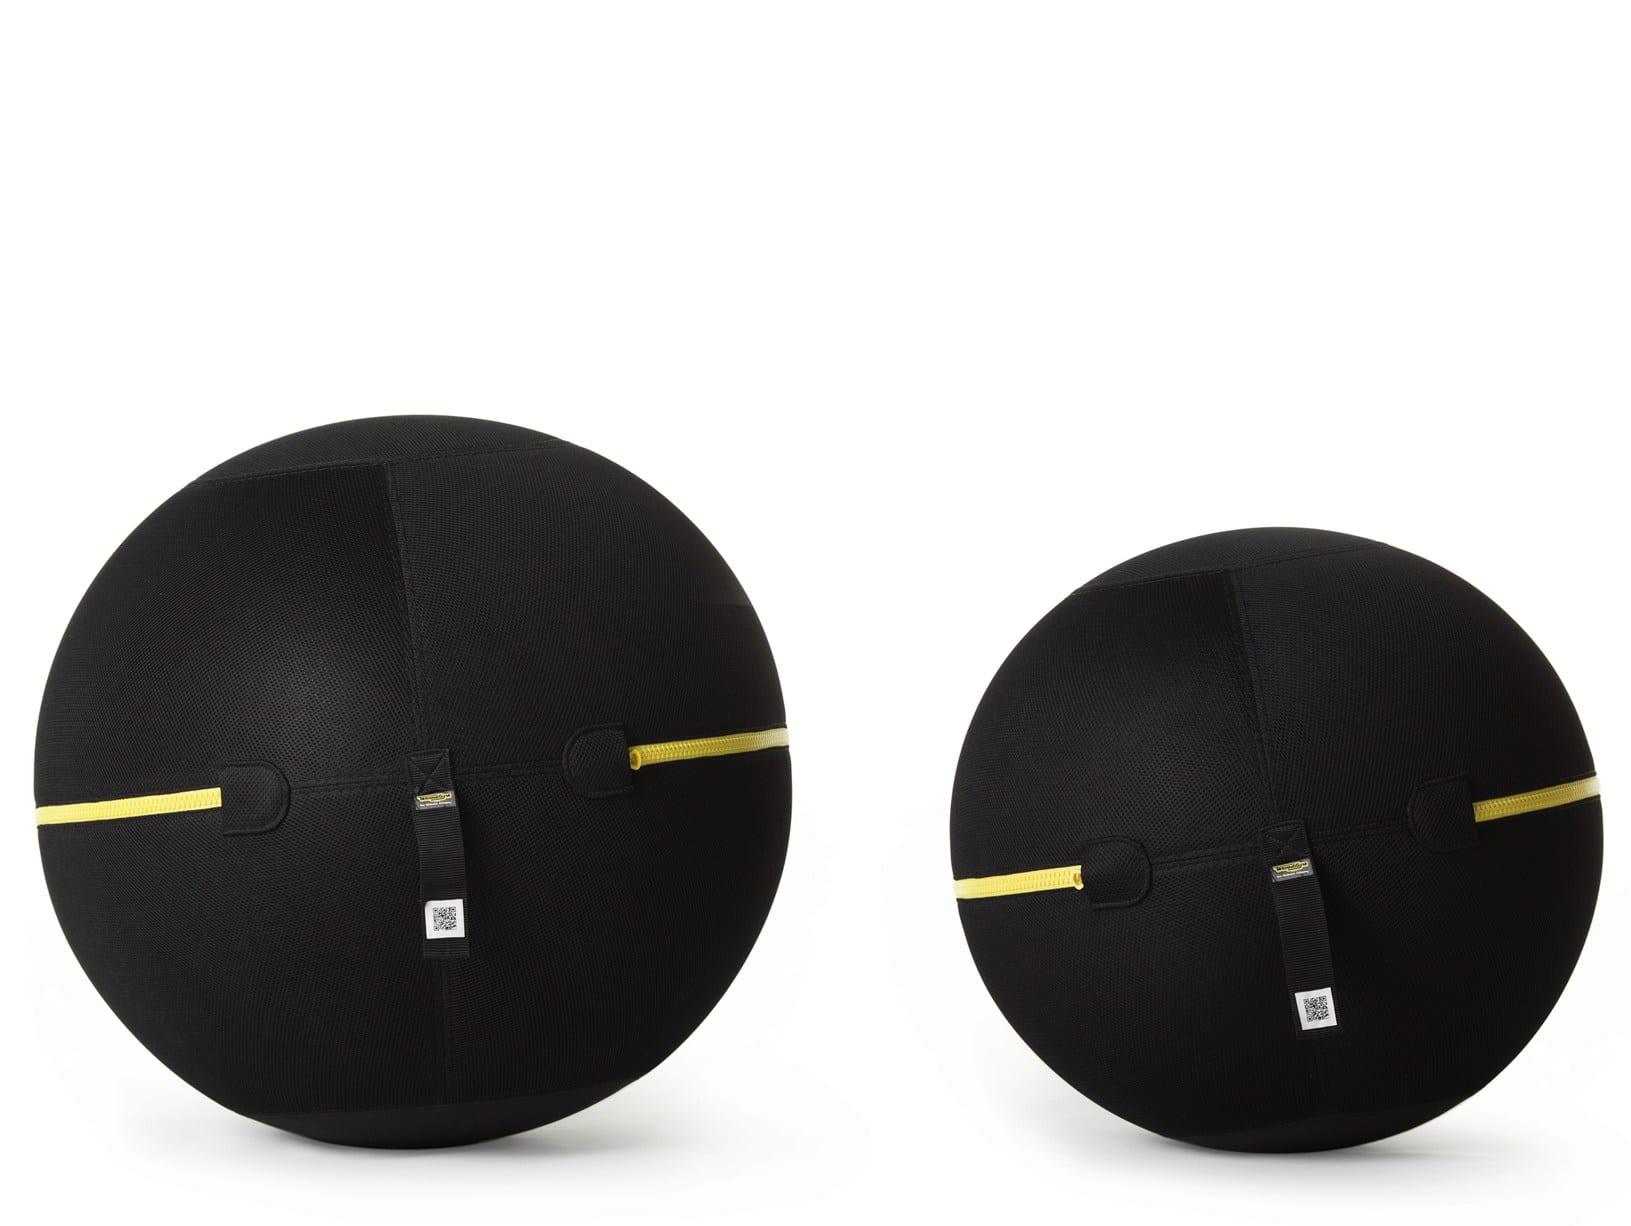 Wellness Ball La Palla Contro La Sedentarieta Vivo Di Benessere